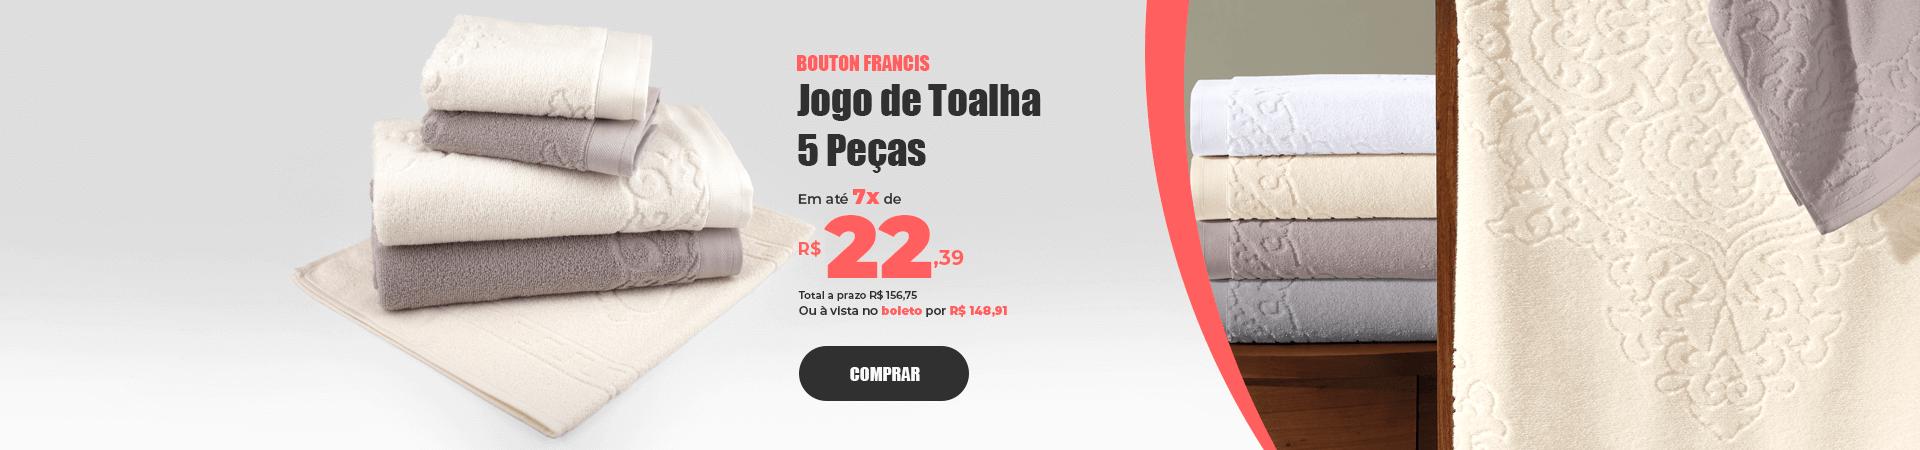 Jogo de Toalhas 5 Peças em Algodão 460g/m² Bouton Francis >> Loja Buettner | Comprar Agora!